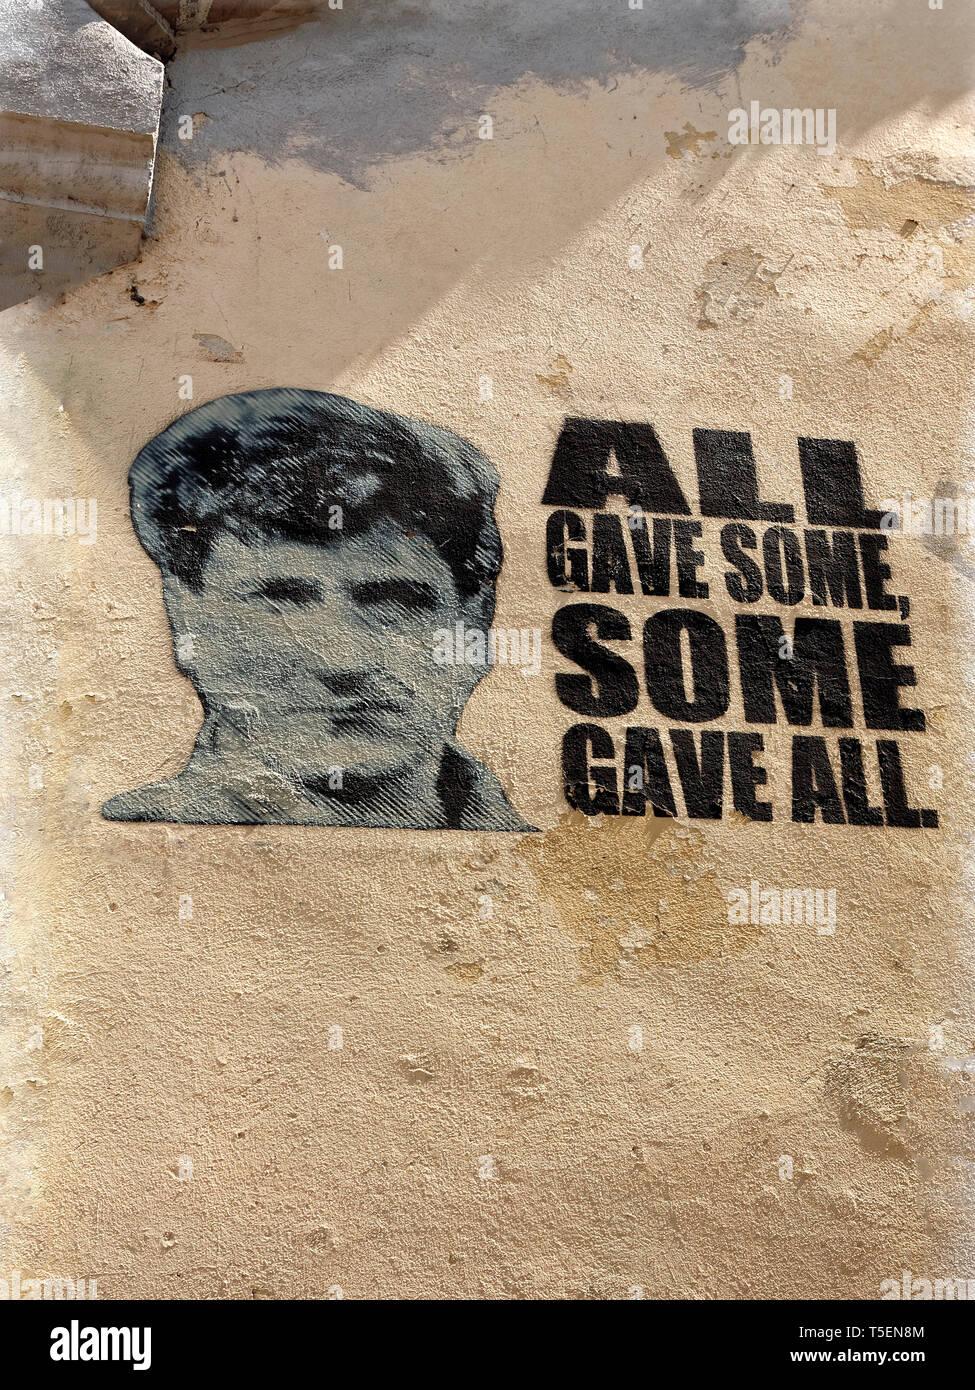 War Memorial segno; edificio in stucco; toccanti parole; tutti hanno dato alcuni, alcuni hanno dato tutti, Mostar; Bosnia Erzegovina; Europa; estate, verticale Immagini Stock